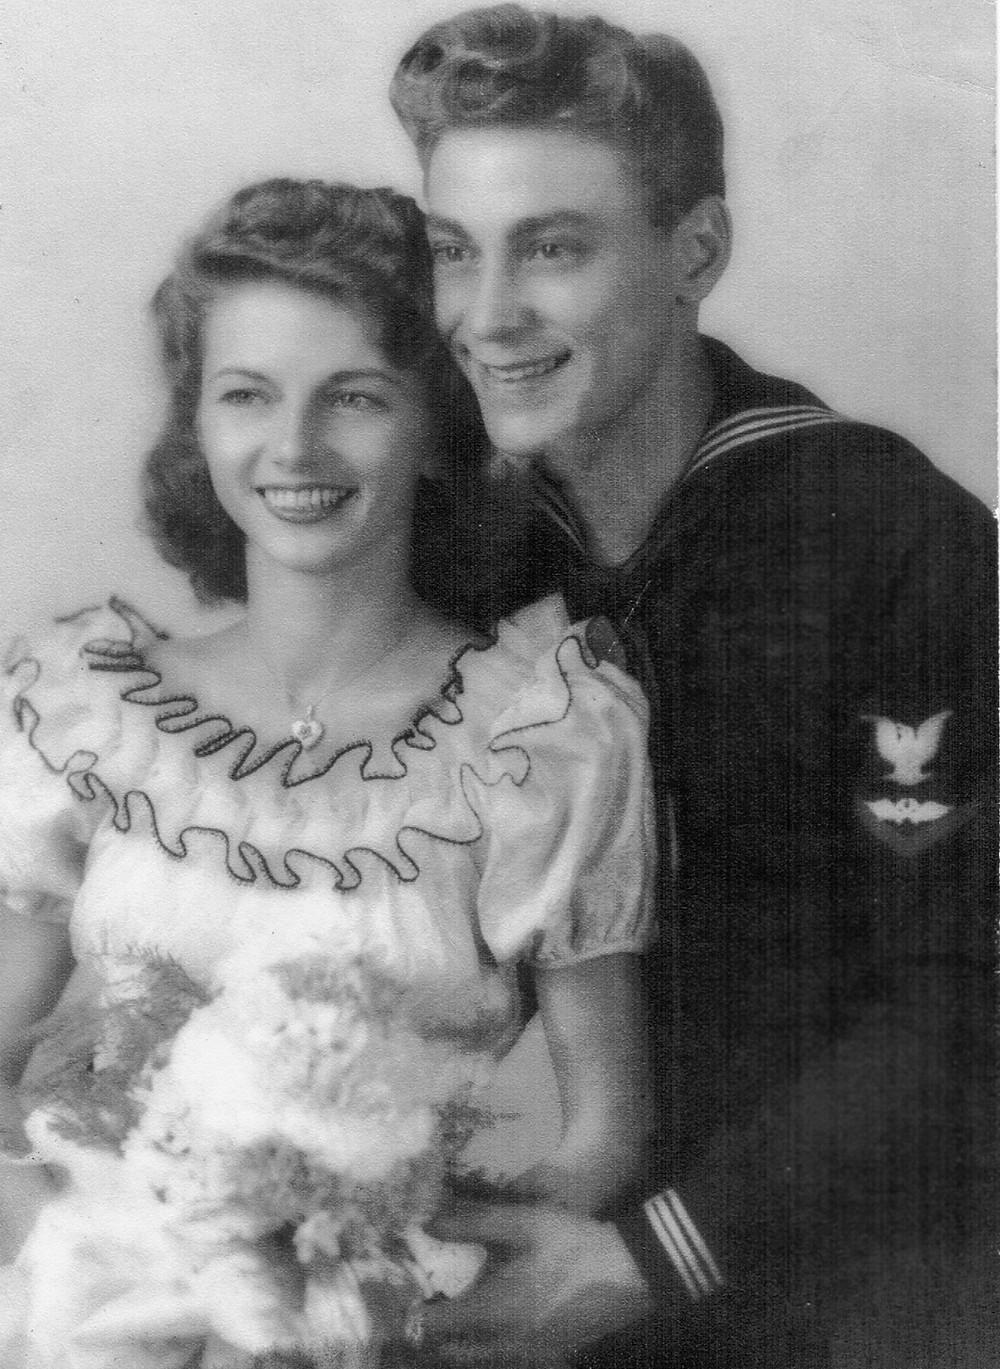 Helene & Ben, 1944